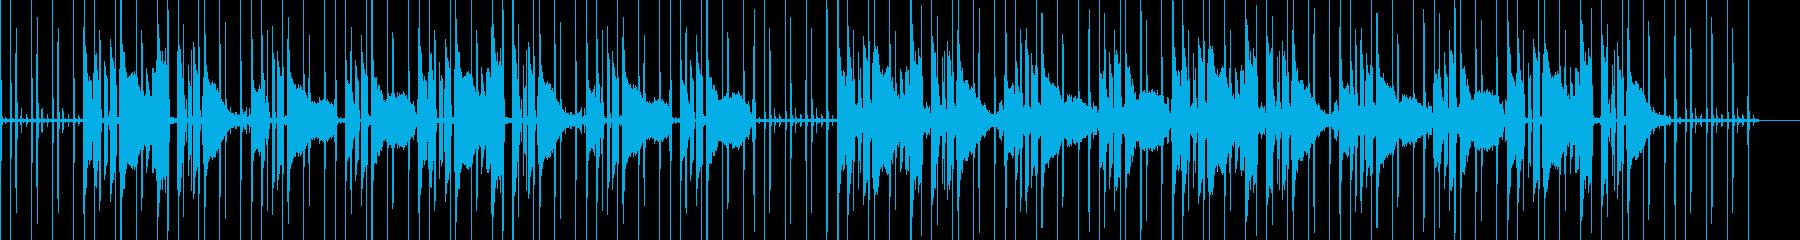 ローファイ・ギター・チル・落ち着いたの再生済みの波形